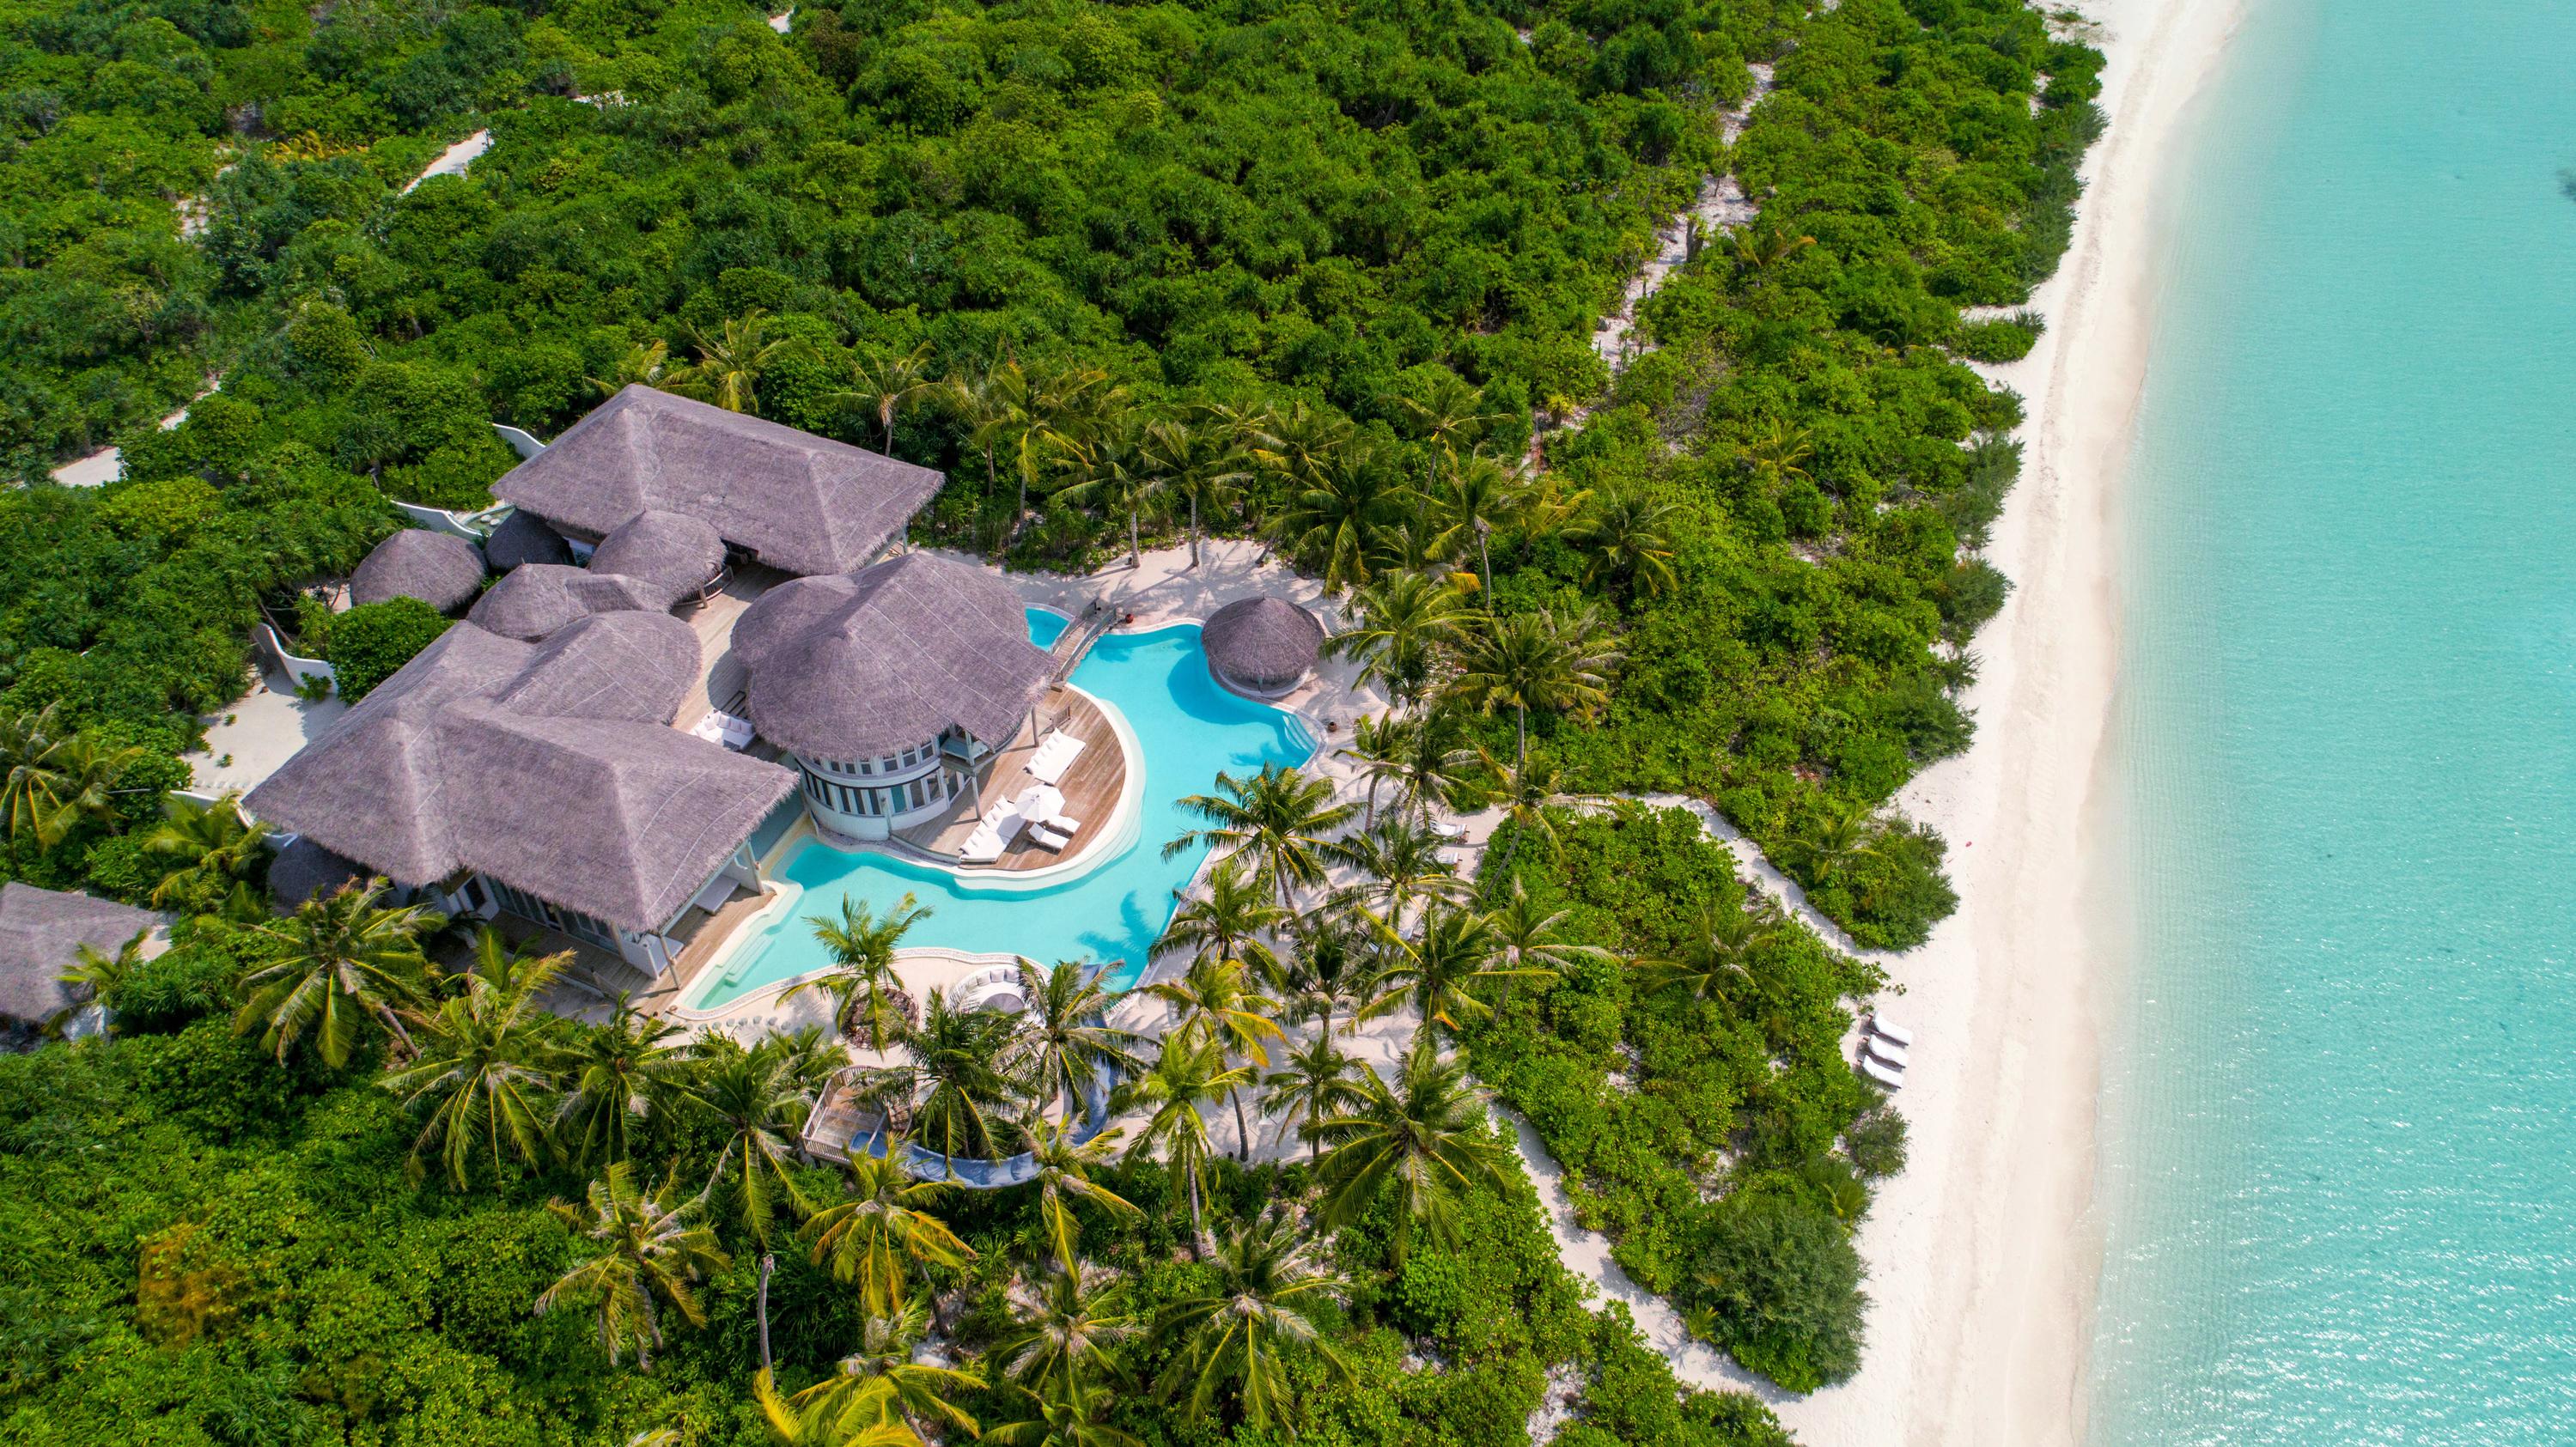 4107_Soneva Jani - 4 Bedroom Island Vill